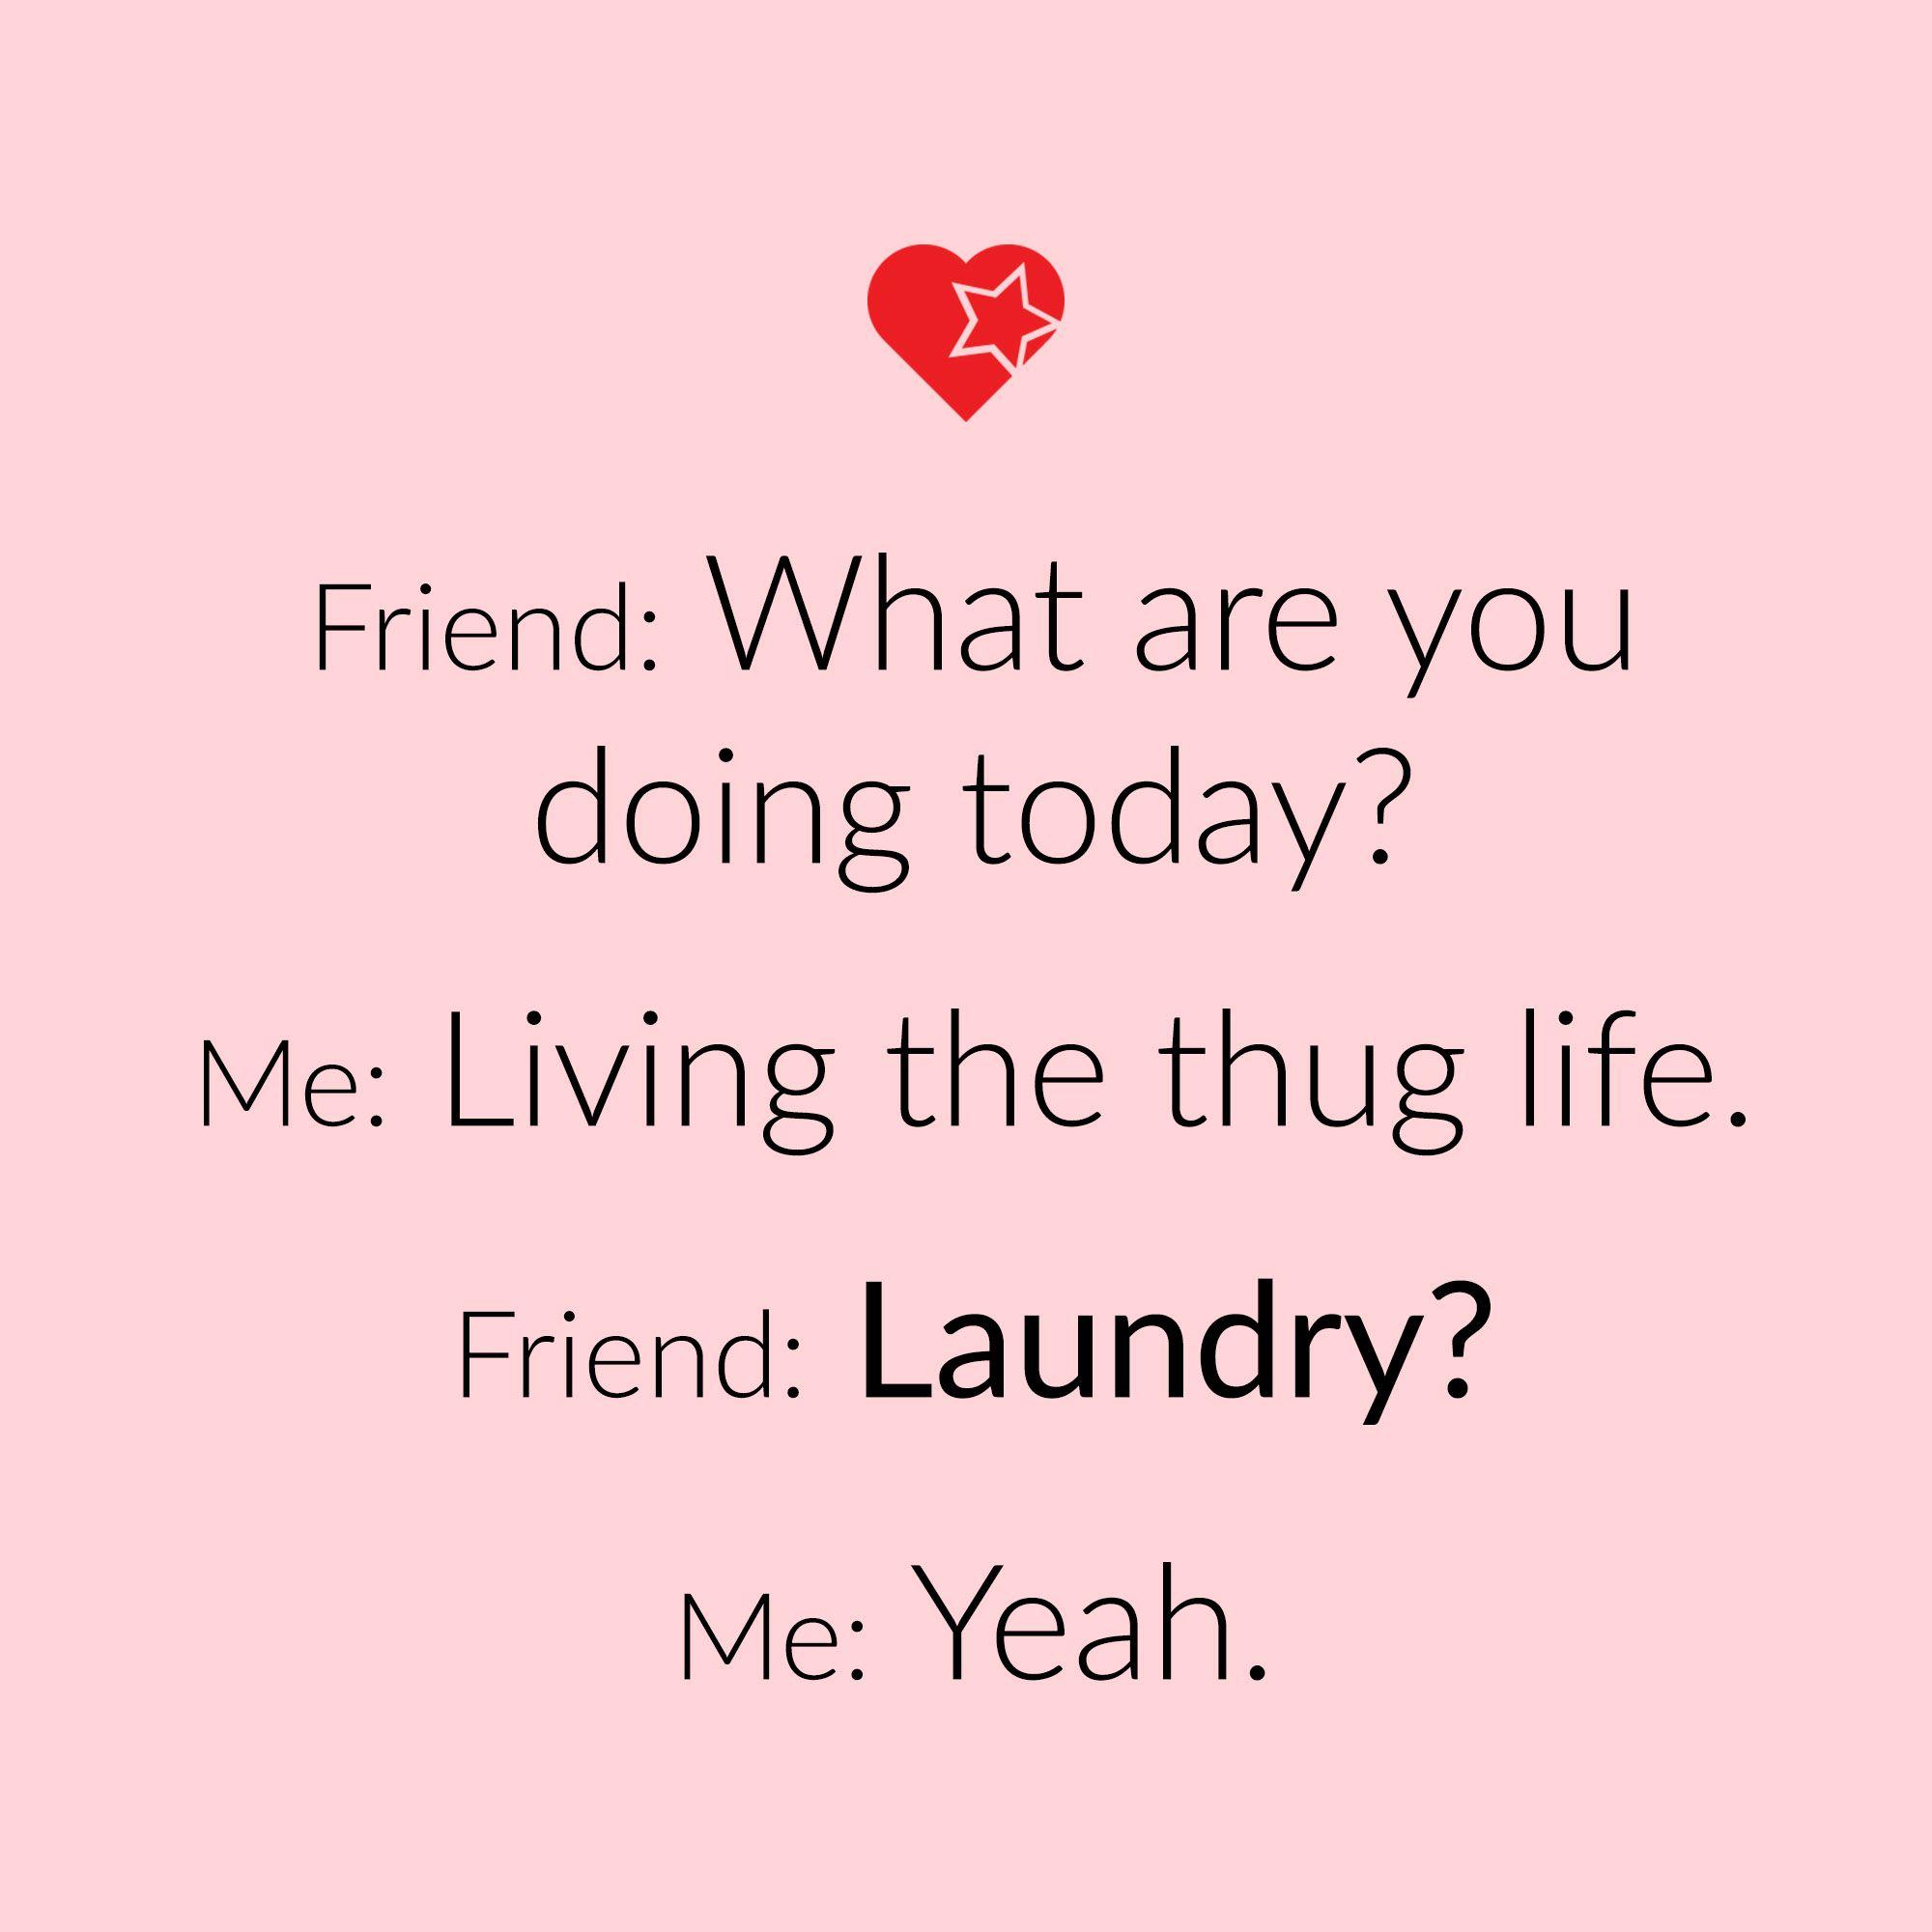 Household Chores Are My Thug Life Mommeme Mommemes Momhumor Momprobs Funnyaf Momsbelike Momtruths Funny Mom Quotes Mom Life Quotes Mom Humor